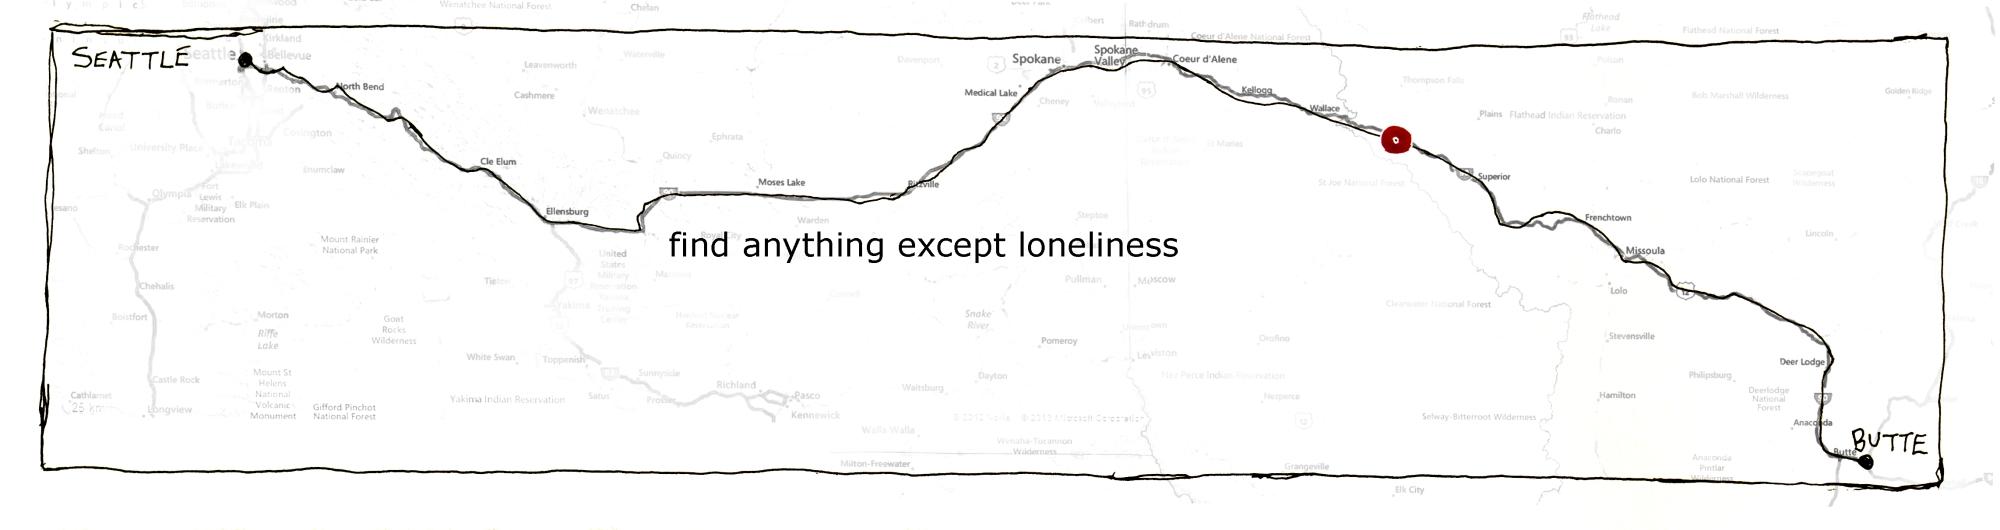 368 map